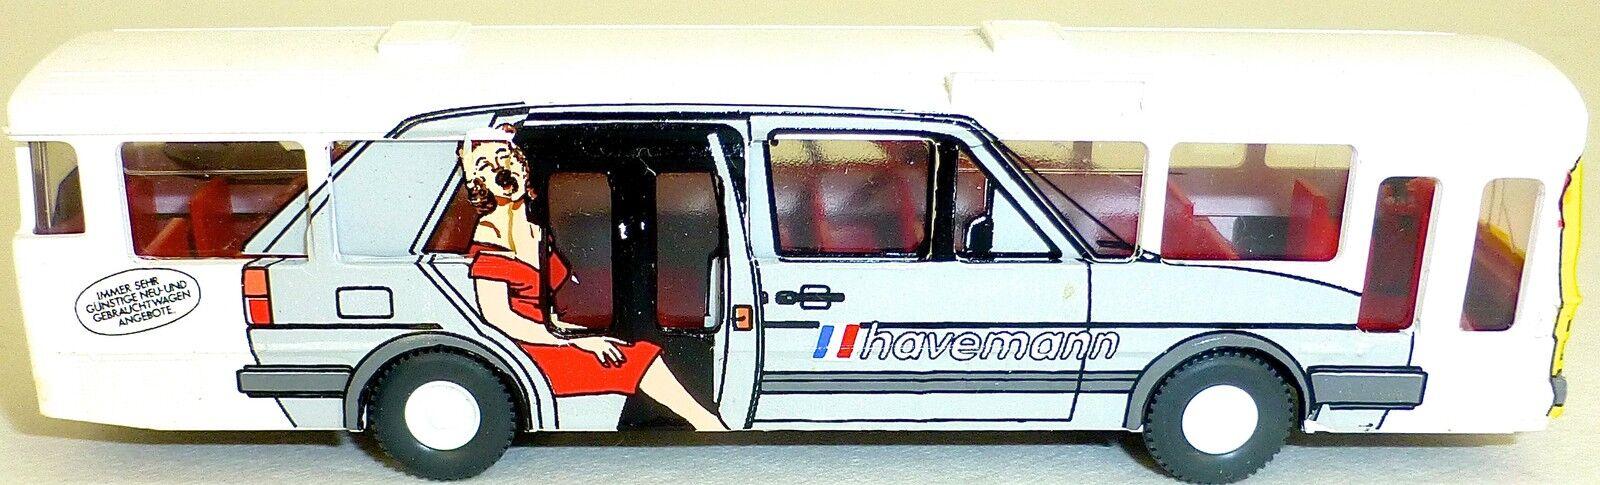 Havemann Porsche MB o305 GESUPERT aus WIKING Bus H0 1 87  GD4 å